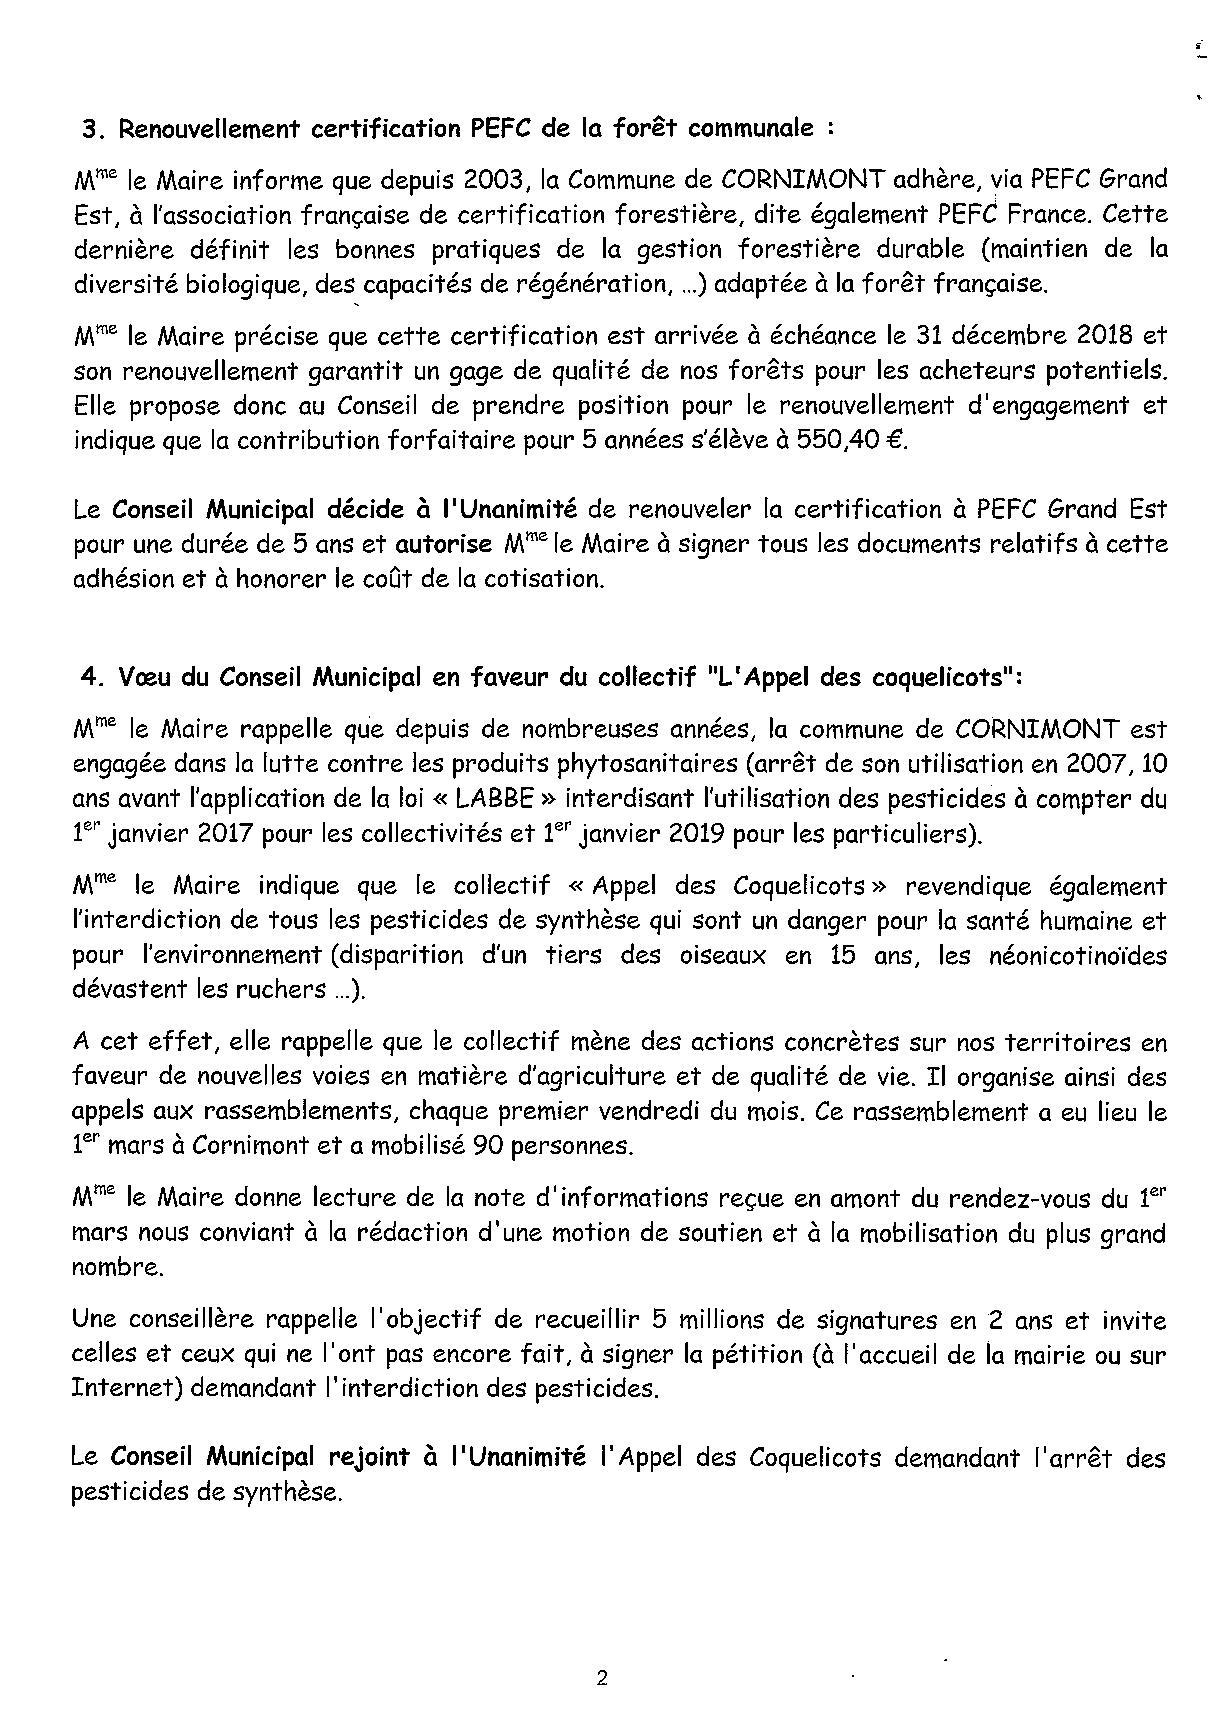 CR CONSEIL MUNICIPAL du 15.03.2019-page-002